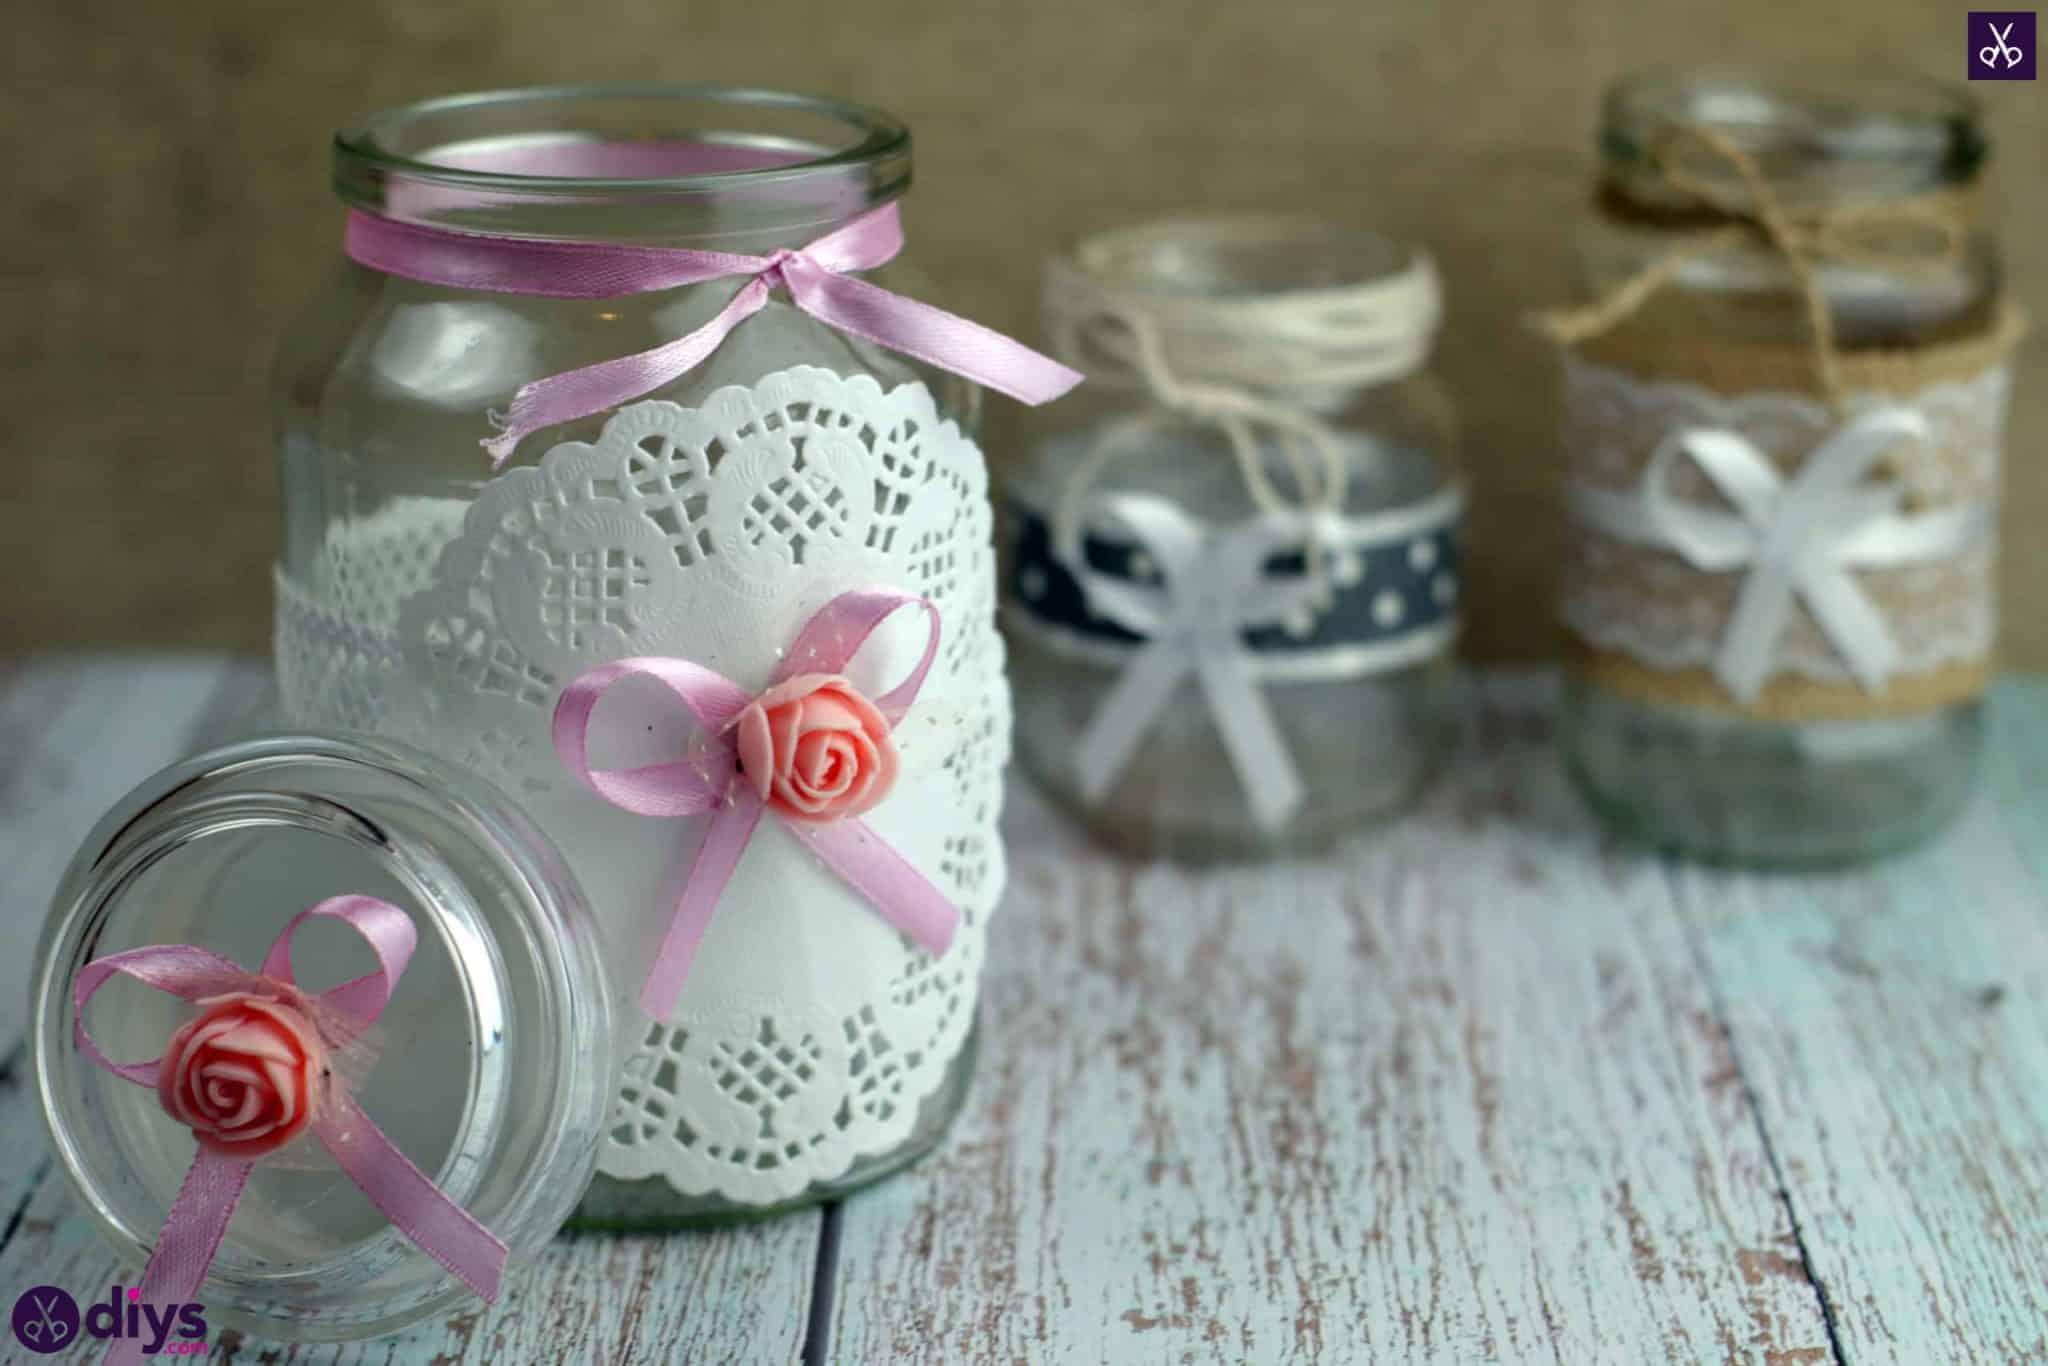 Mason jar central element for weddings 2048x1366